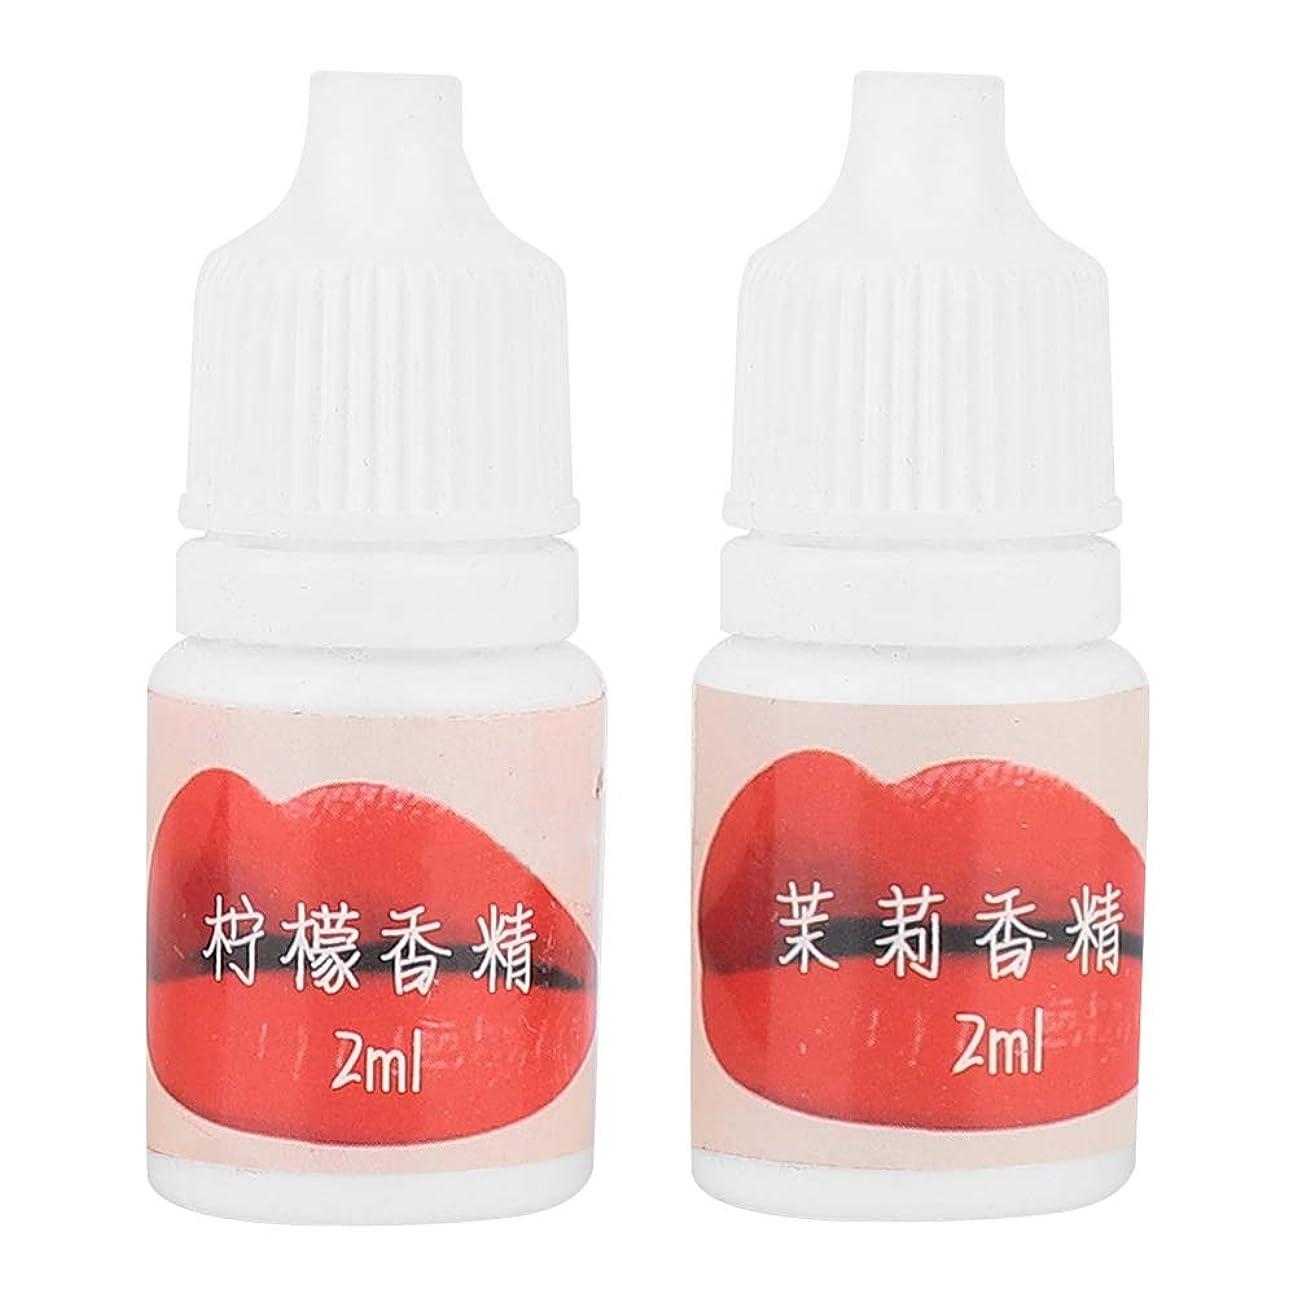 ジョージエリオット所得有名人4個 DIY 口紅 本質の香り 自家製 口紅DIY 粉材料型(01)